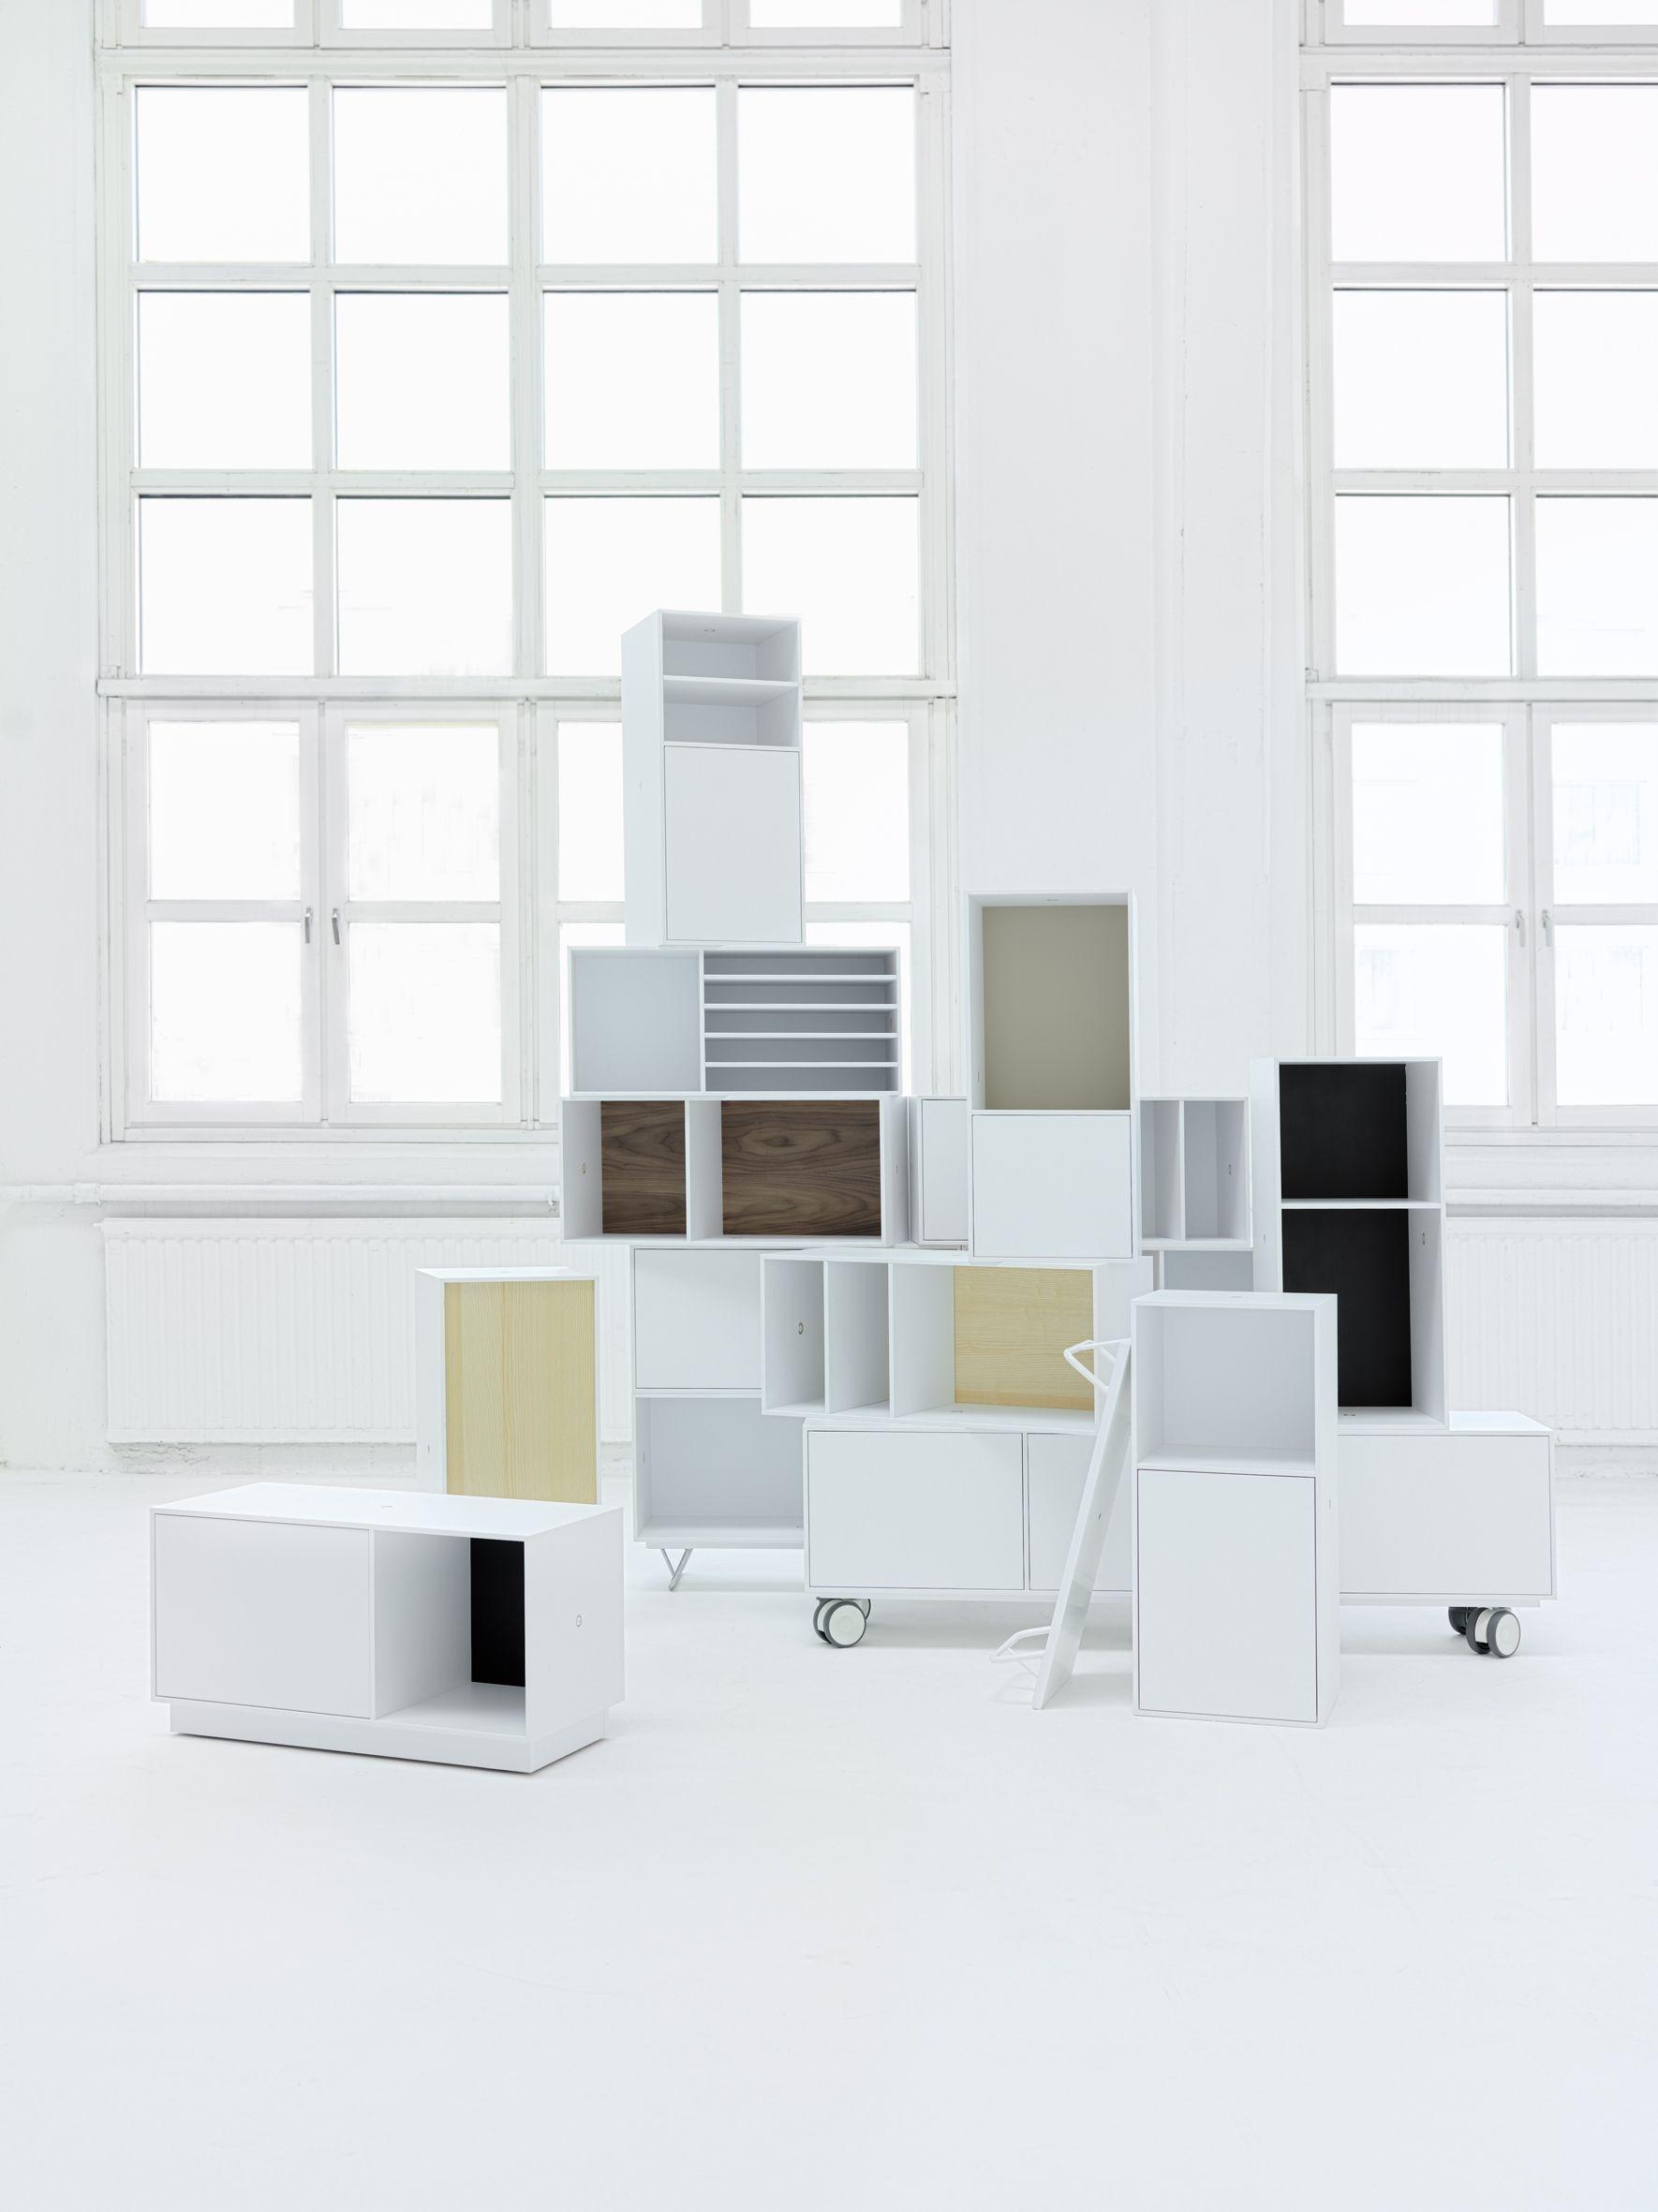 disorganised shelves